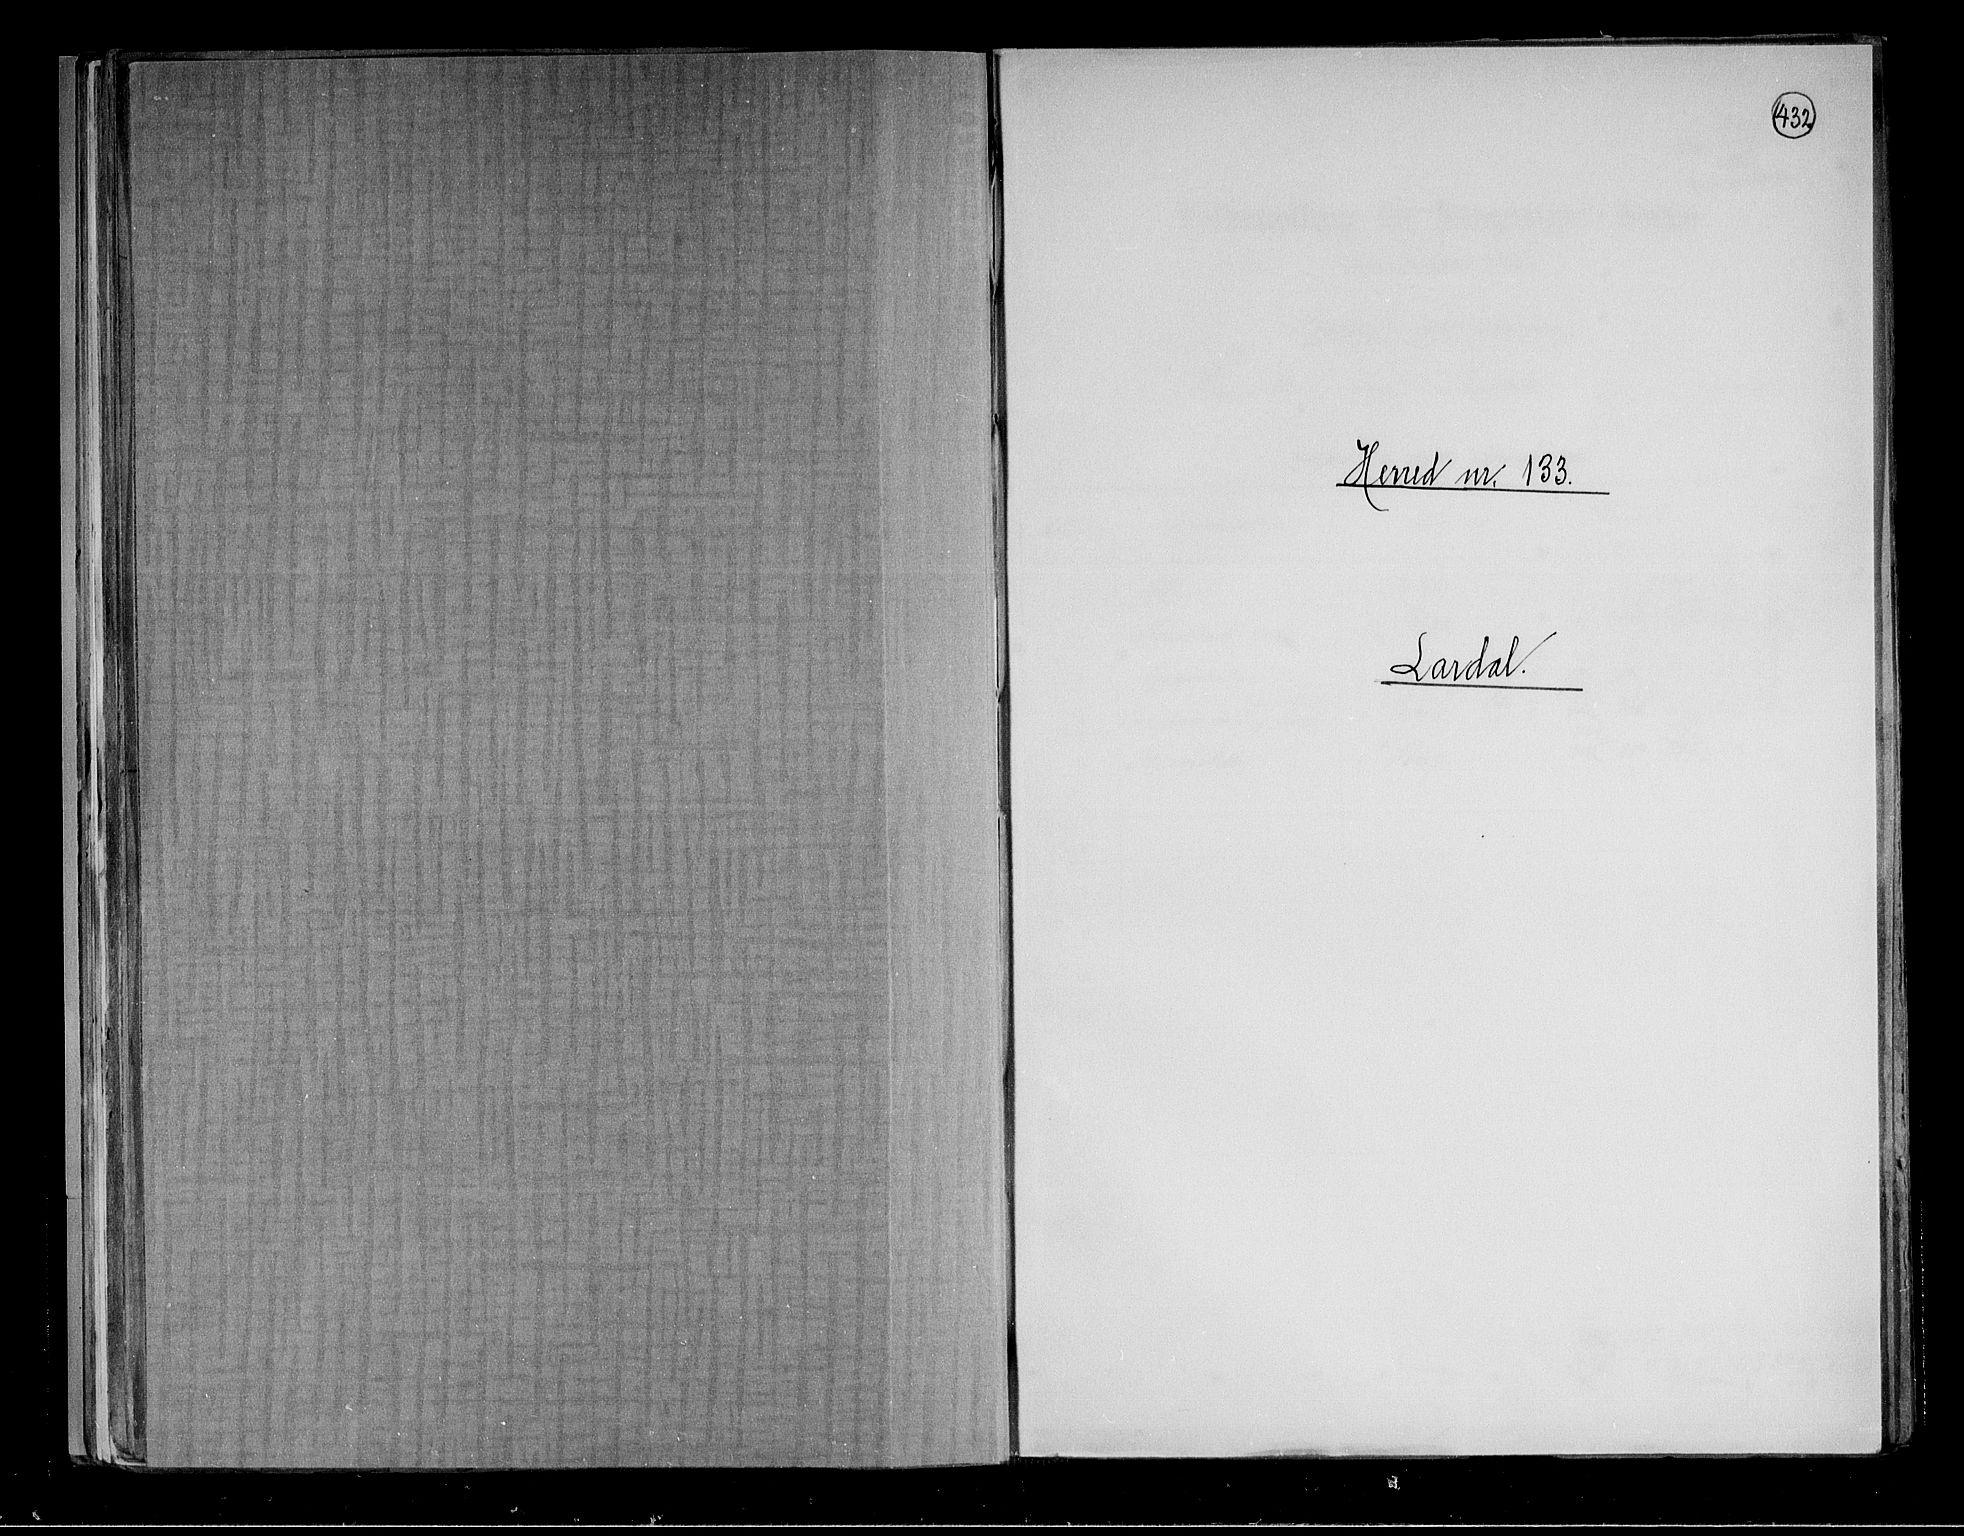 RA, Folketelling 1891 for 0728 Lardal herred, 1891, s. 1